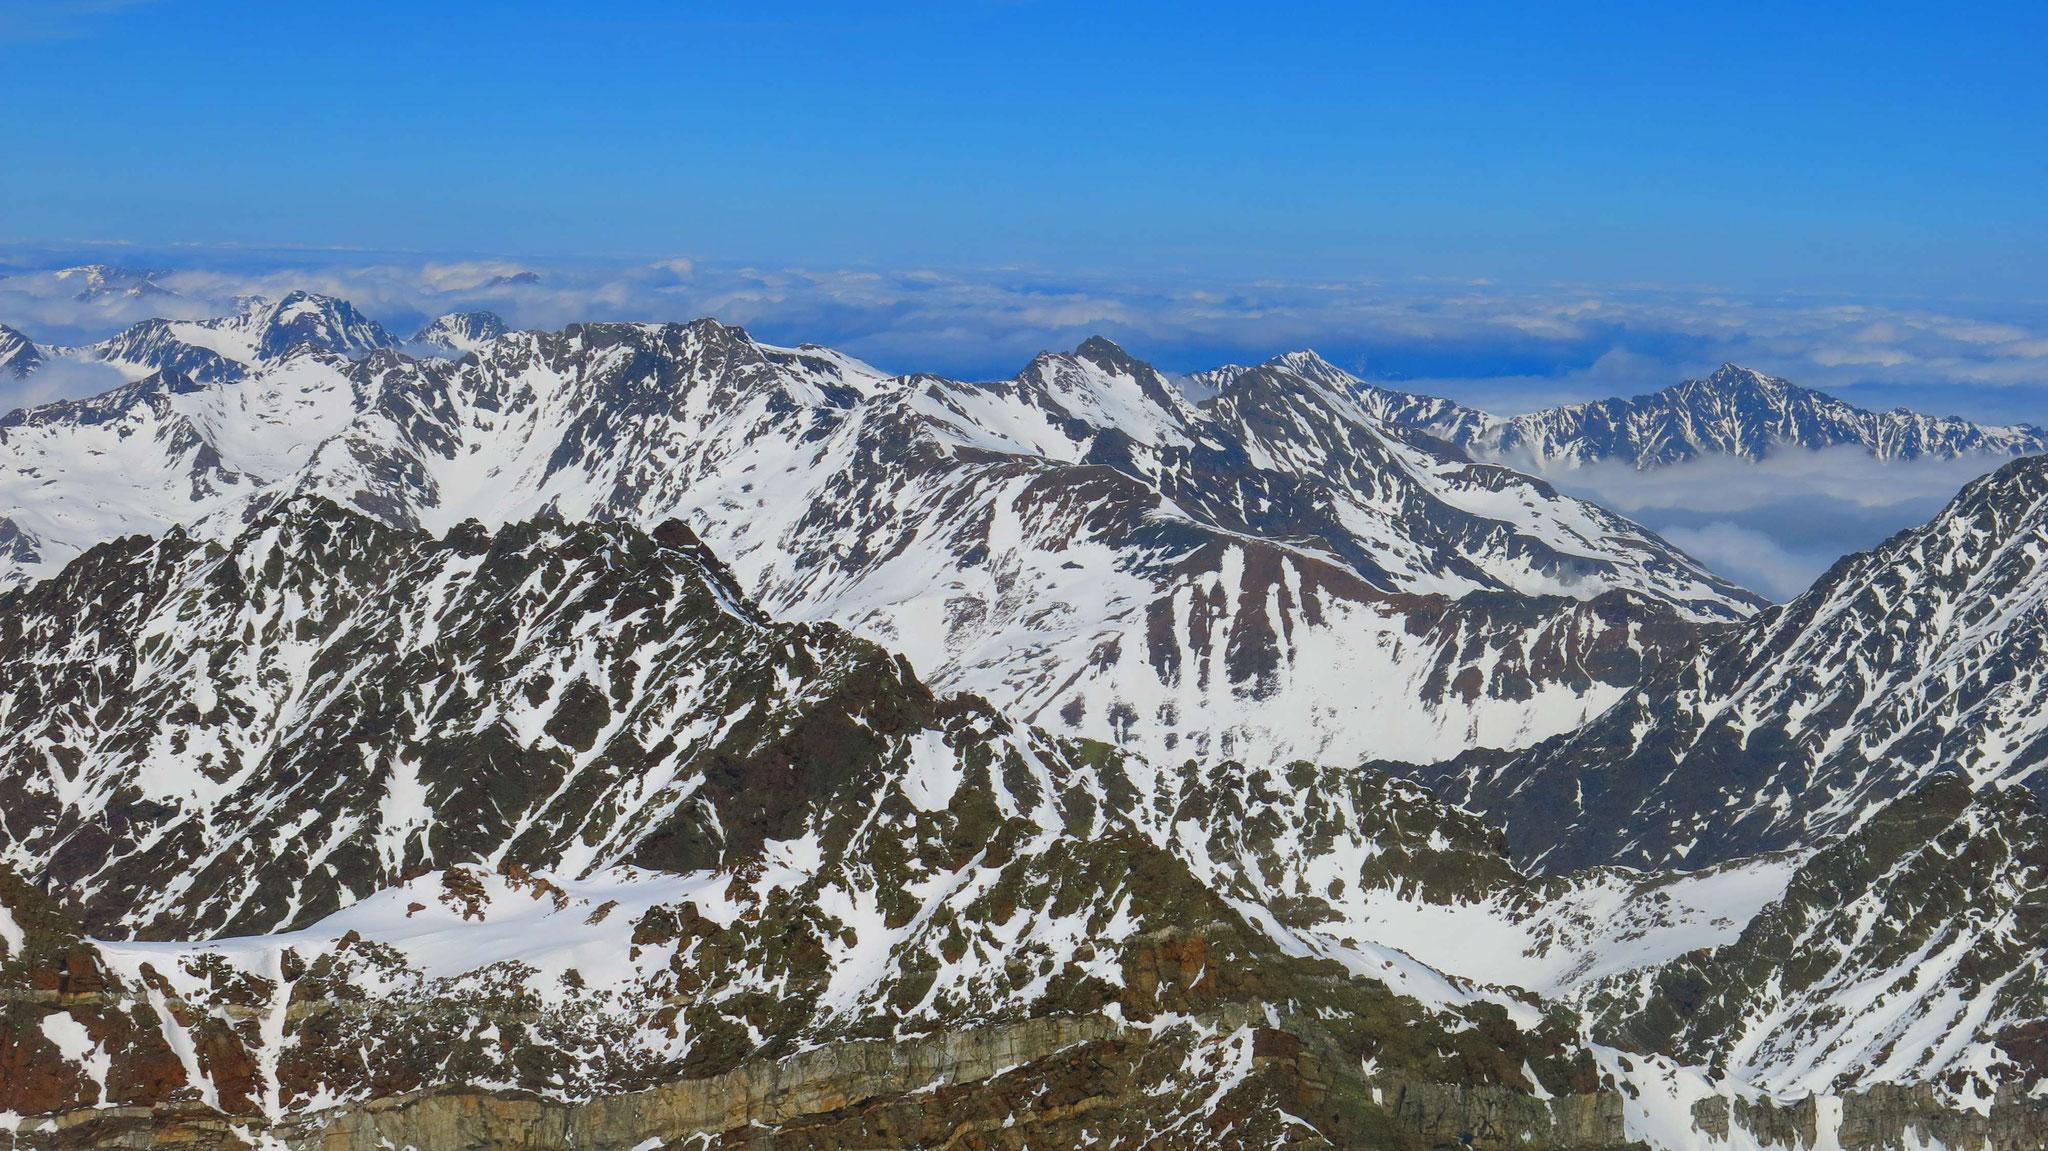 Dunkle Sellrainer Berge mit Rietzer Grieskogel, Zwieselbacher Rosskogel und Peiderspitze